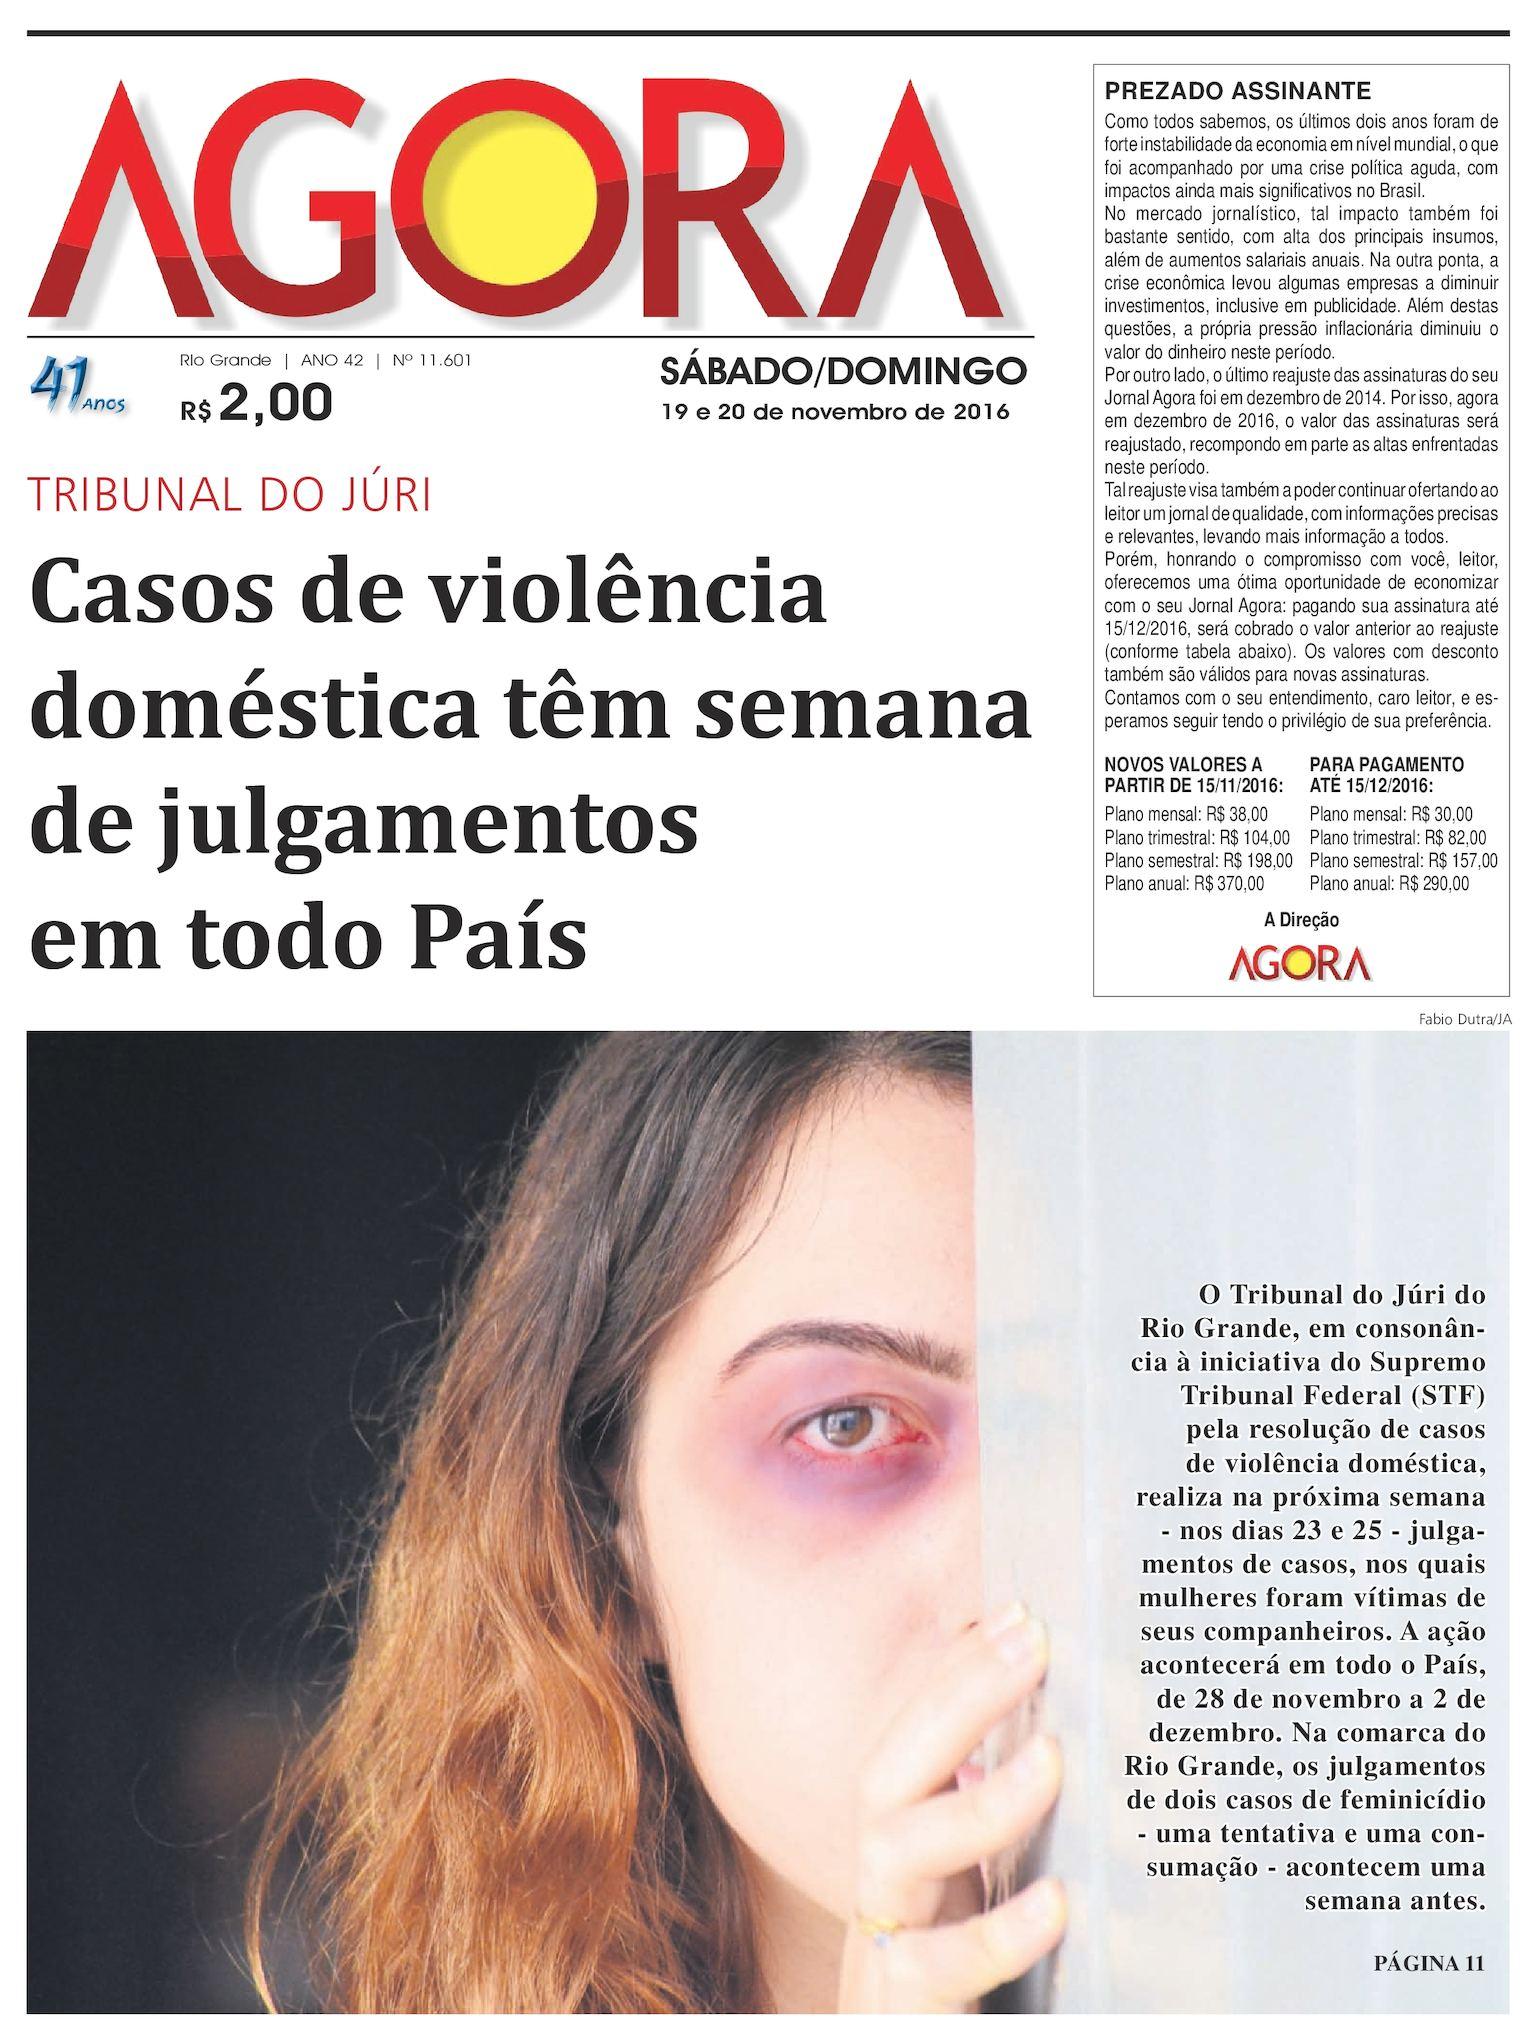 Calaméo - Jornal Agora - Edição 11601 - 19 e 20 de Novembro de 2016 baffc0320c